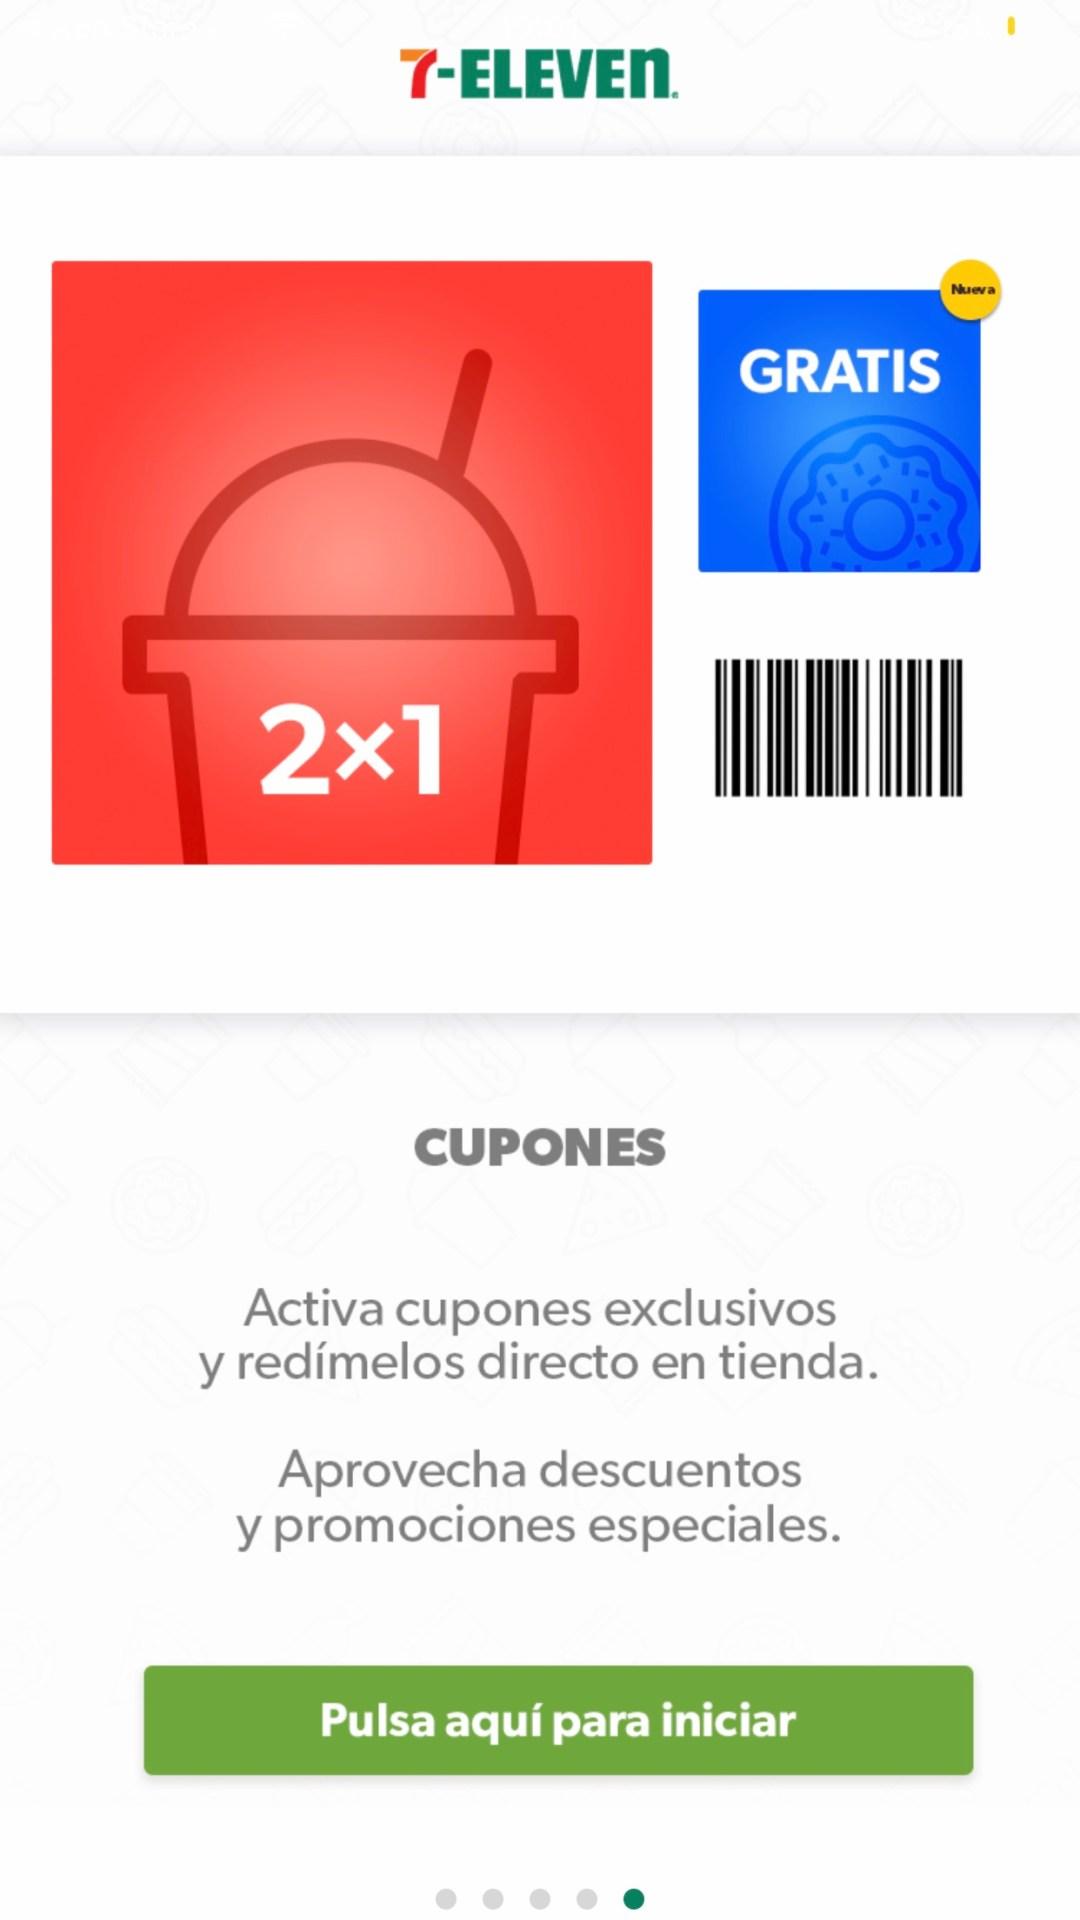 Ejemplo de cupón en aplicación de 7-Eleven